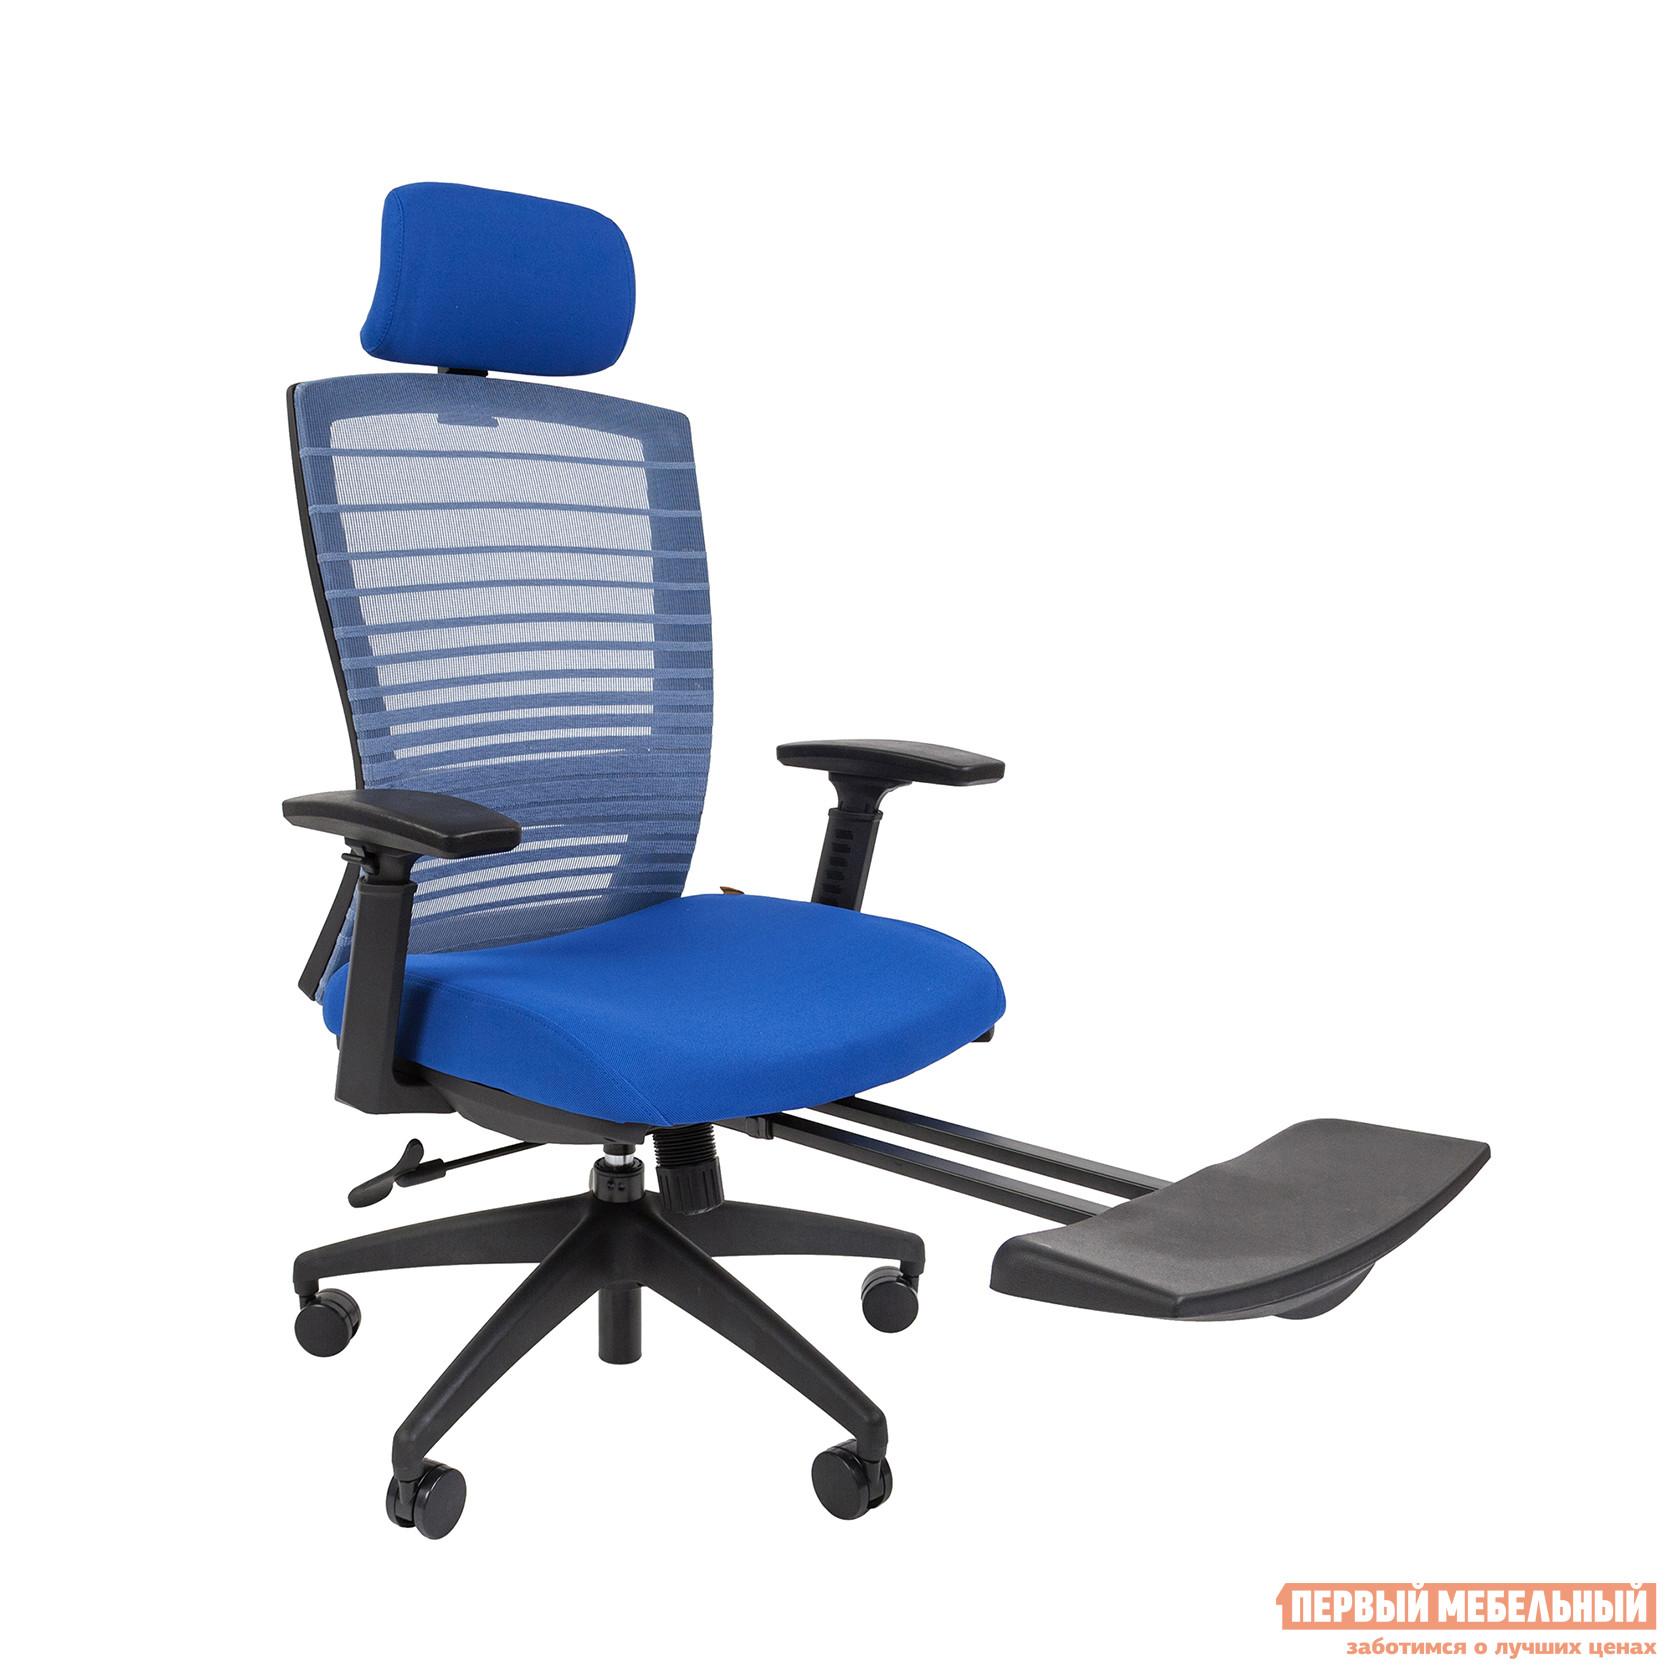 Кресло руководителя Тайпит Офисное кресло Chairman 285 кресло руководителя тайпит fuga